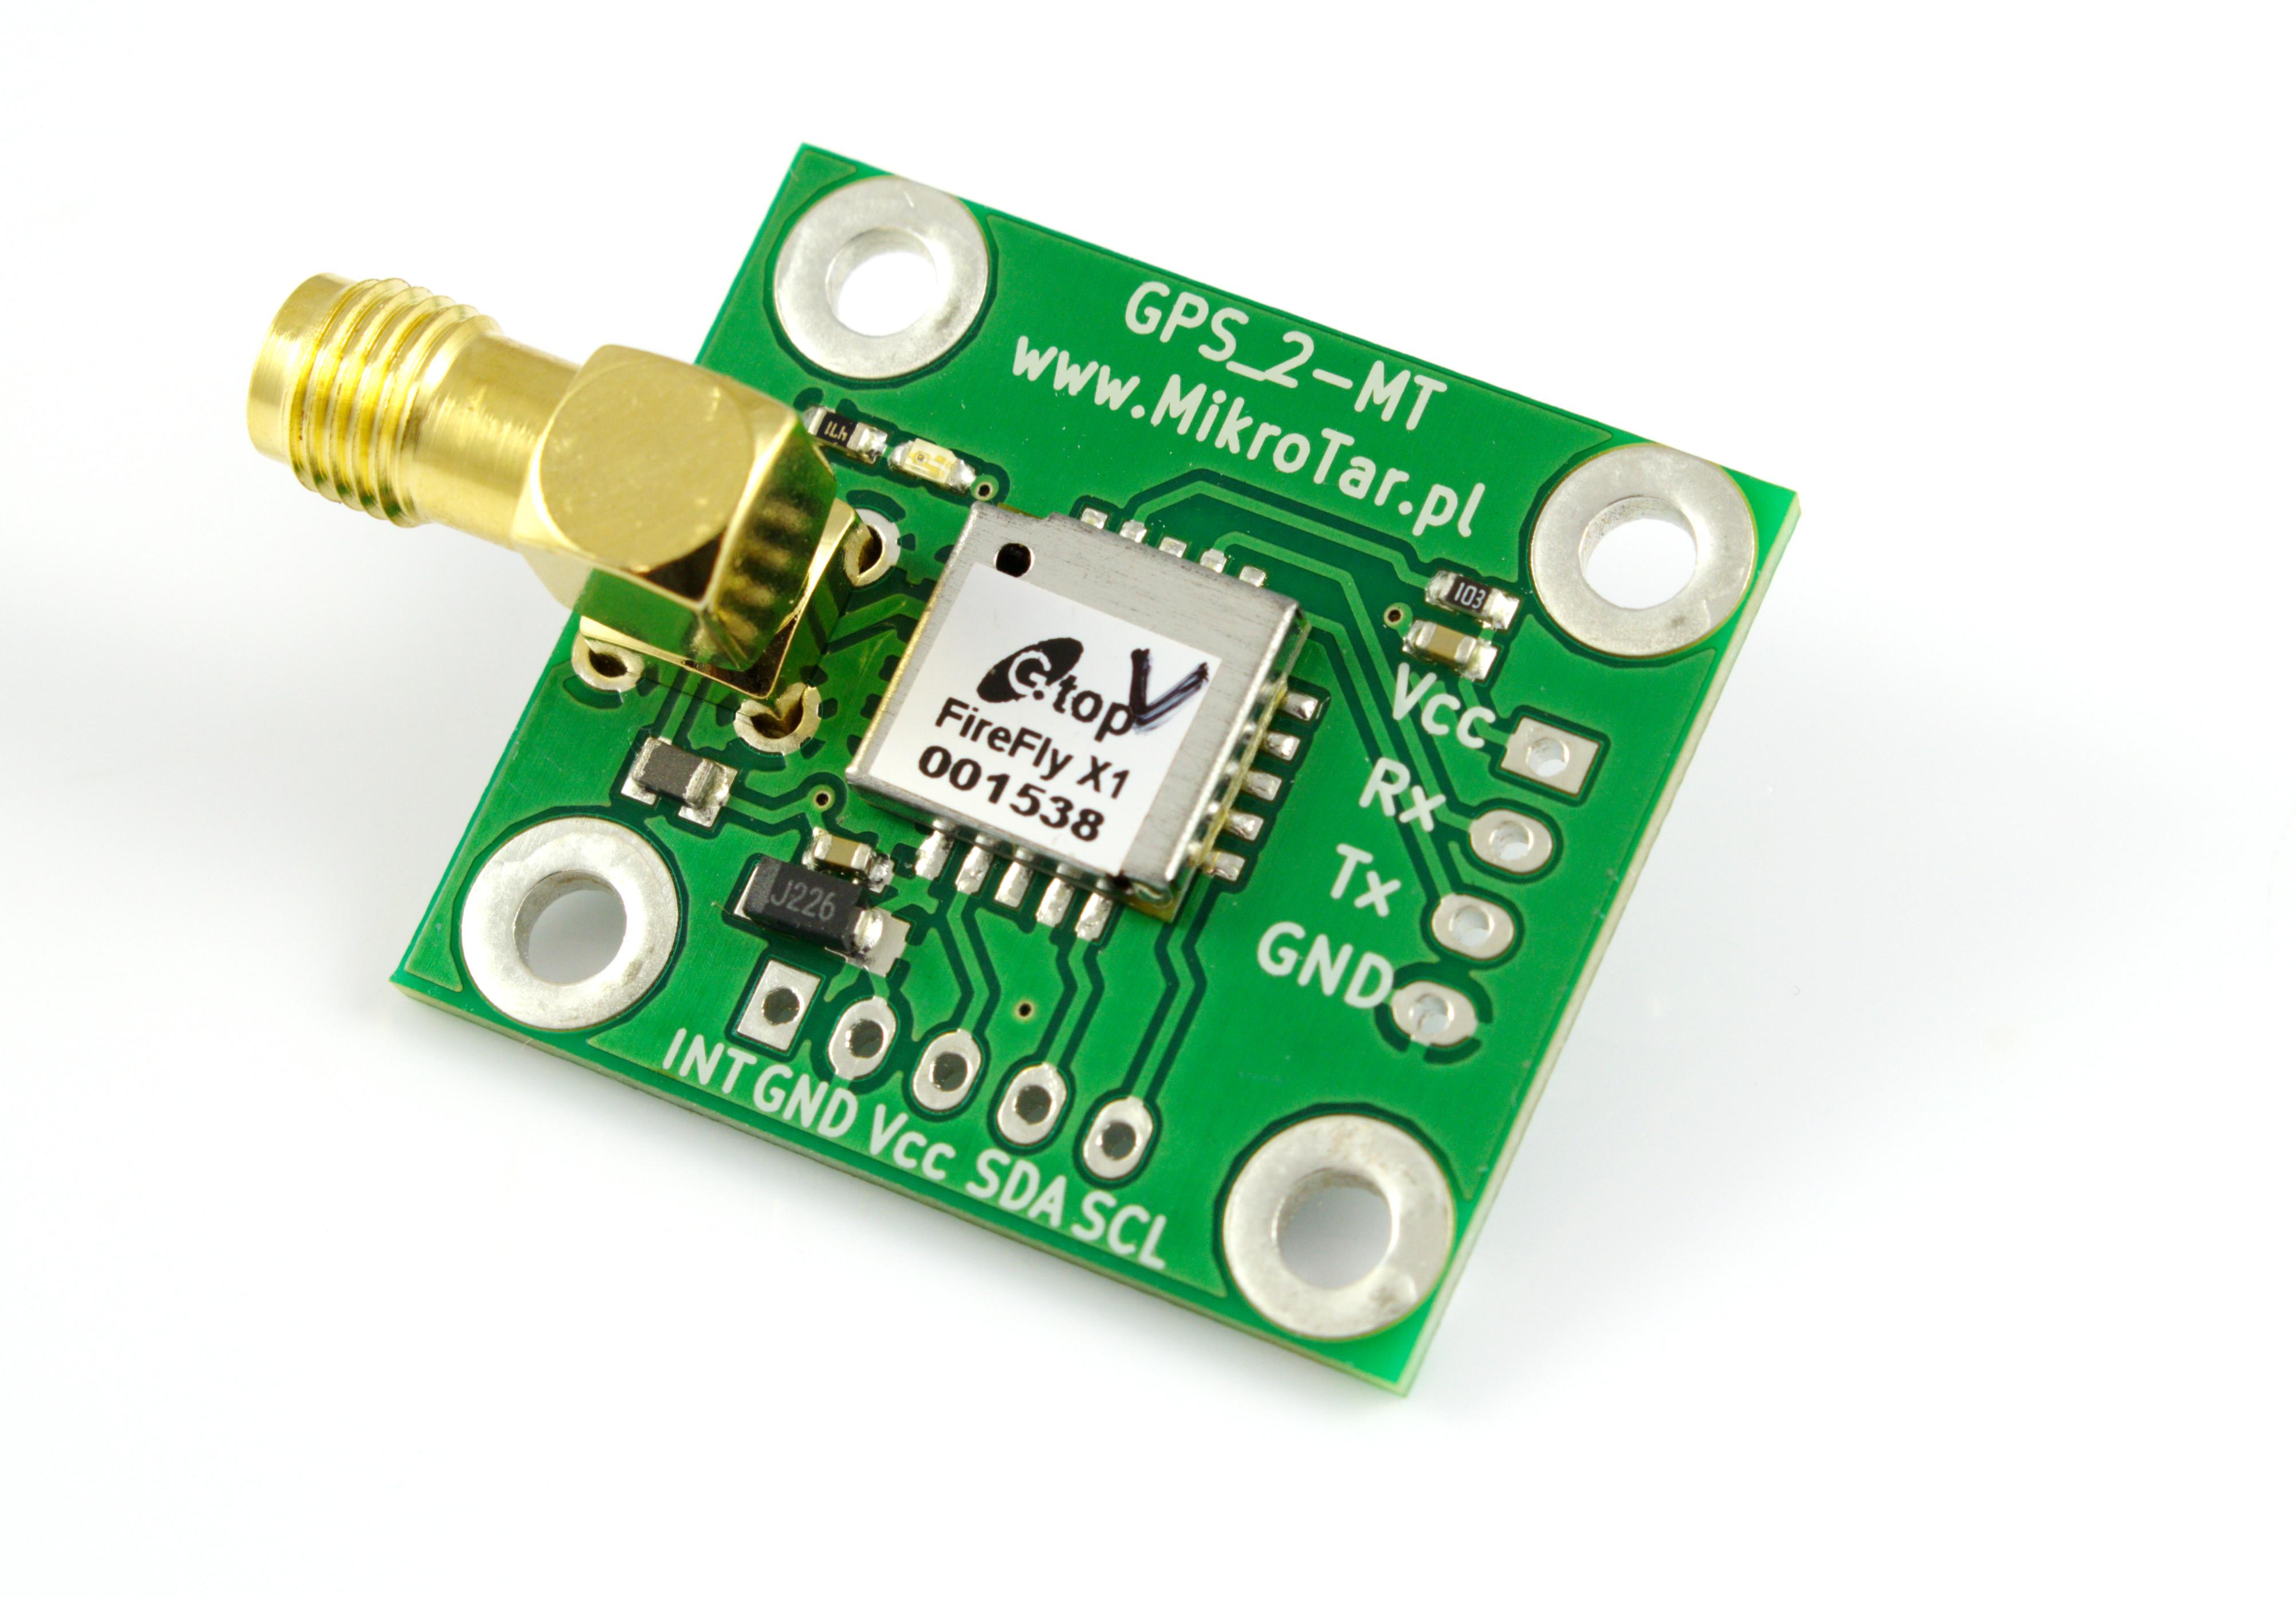 Moduł GPS/GLONASS FireFly X1 I2C